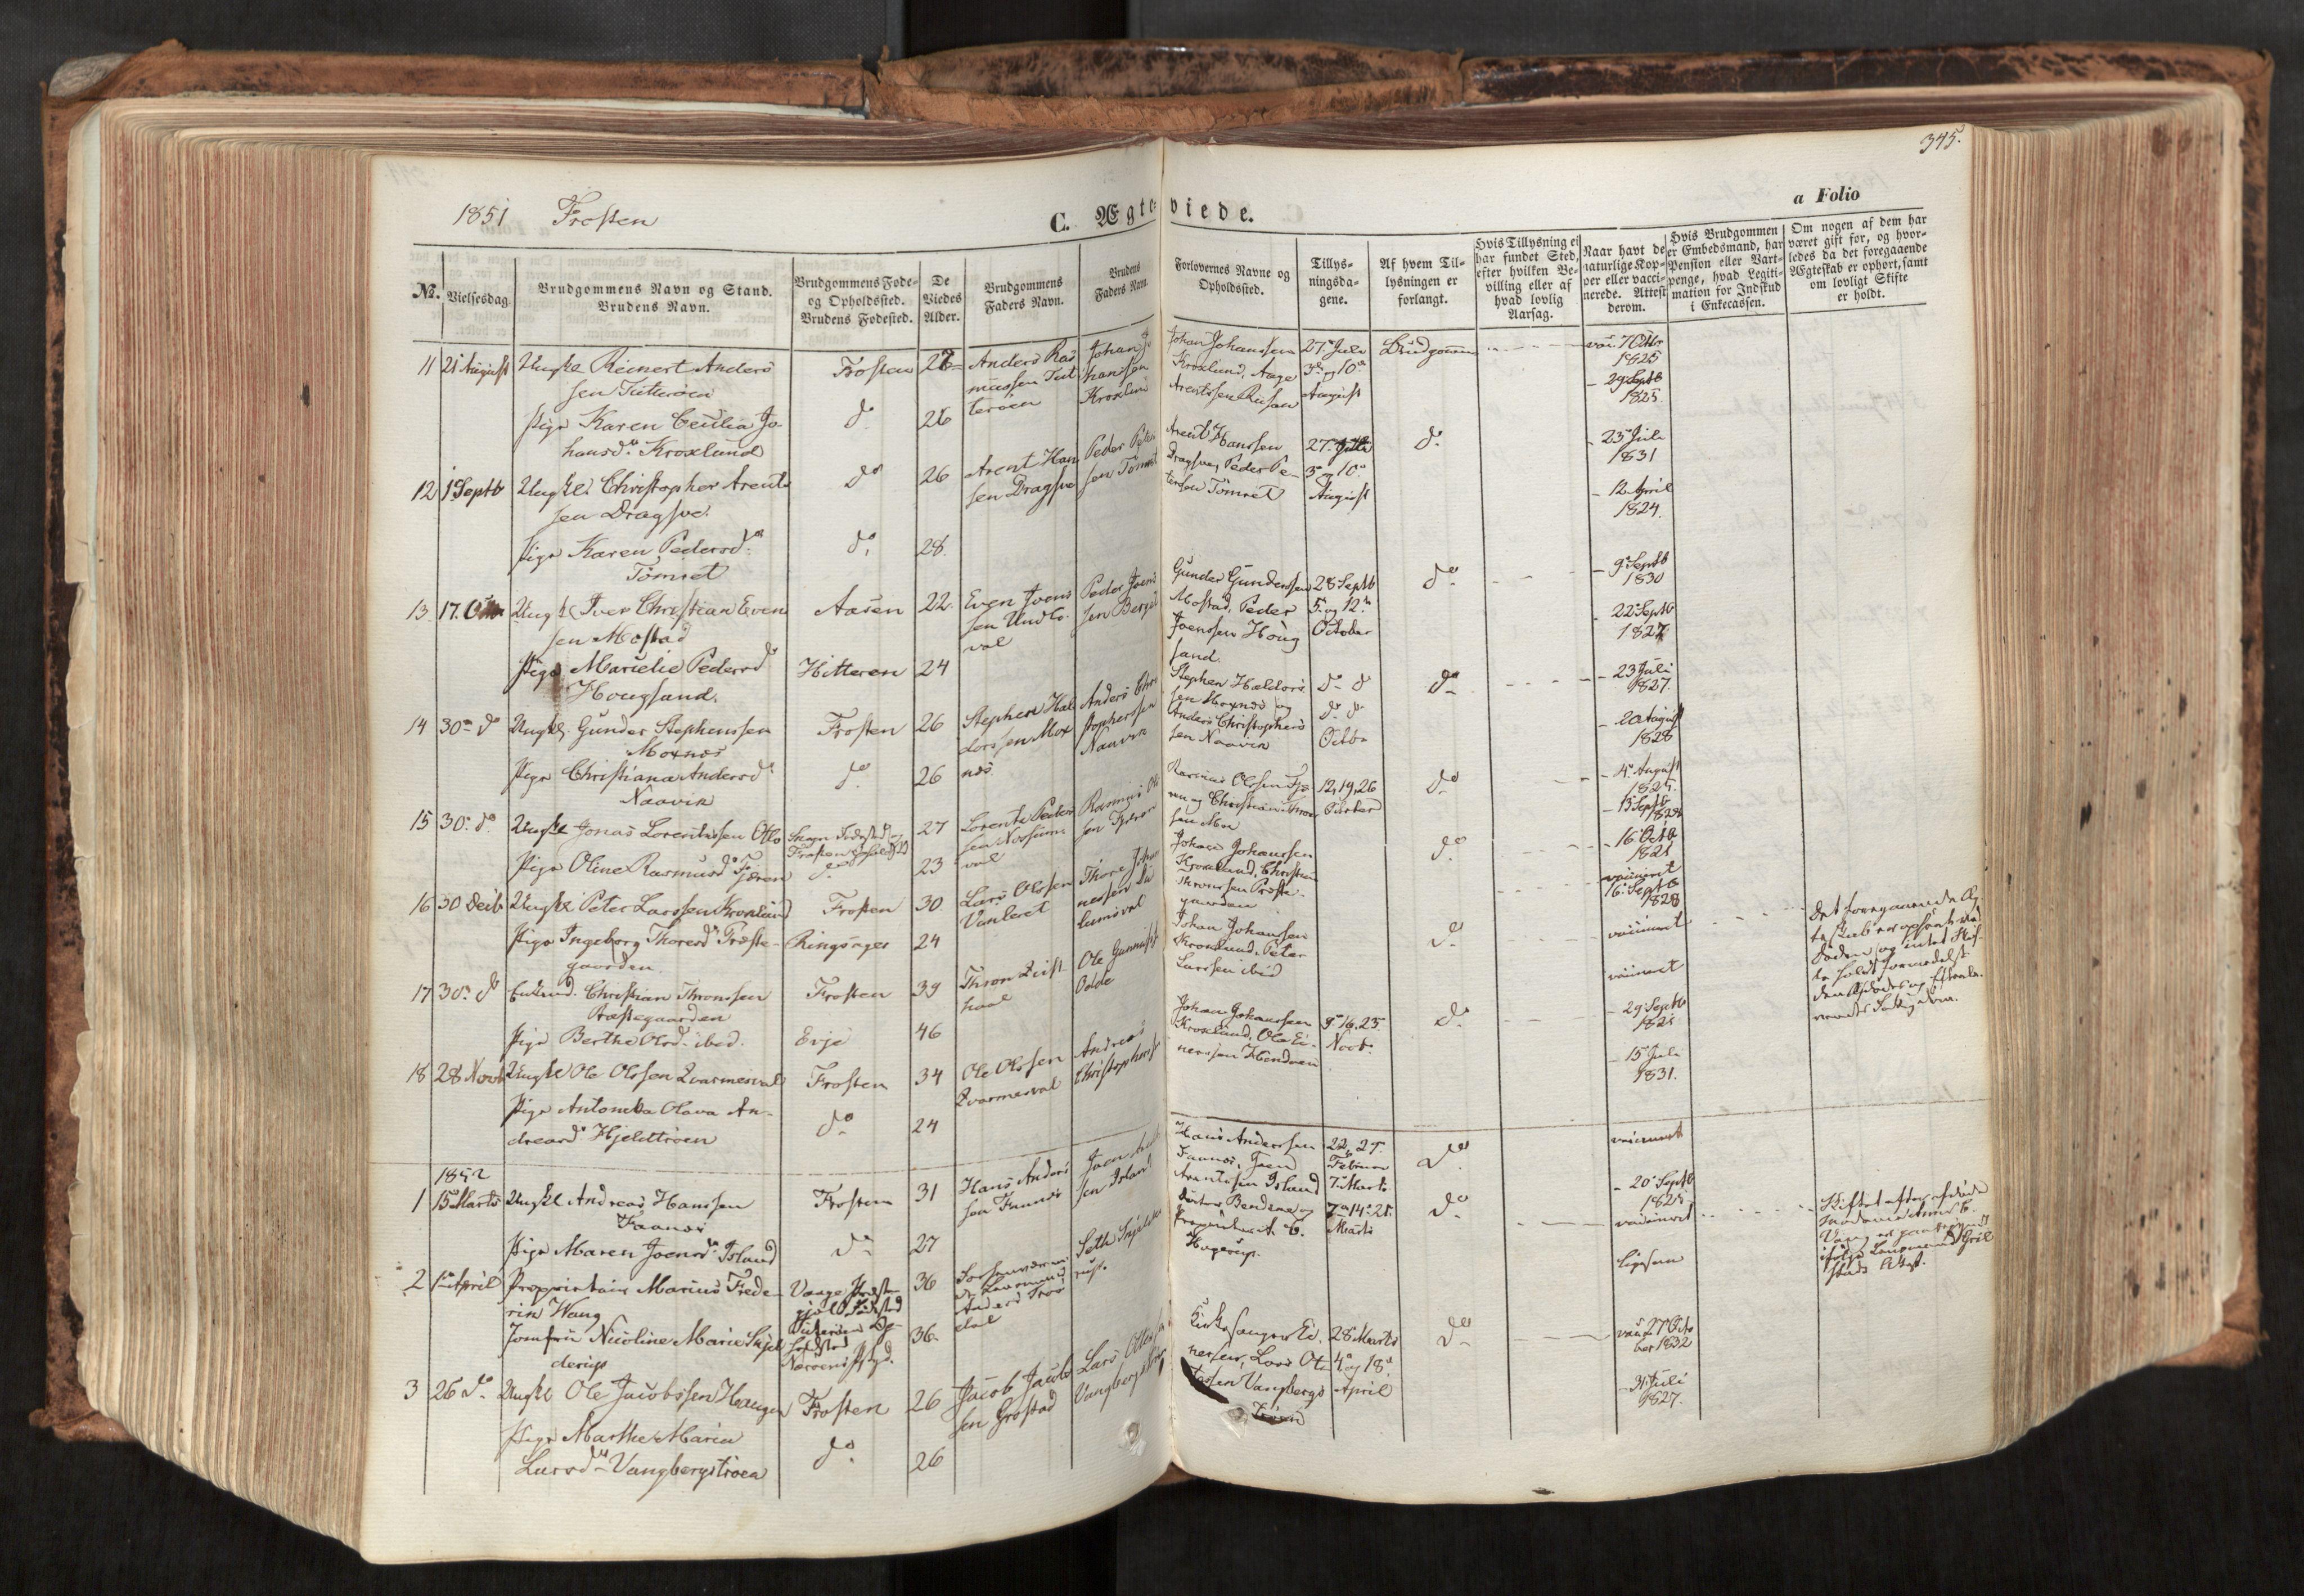 SAT, Ministerialprotokoller, klokkerbøker og fødselsregistre - Nord-Trøndelag, 713/L0116: Ministerialbok nr. 713A07, 1850-1877, s. 345